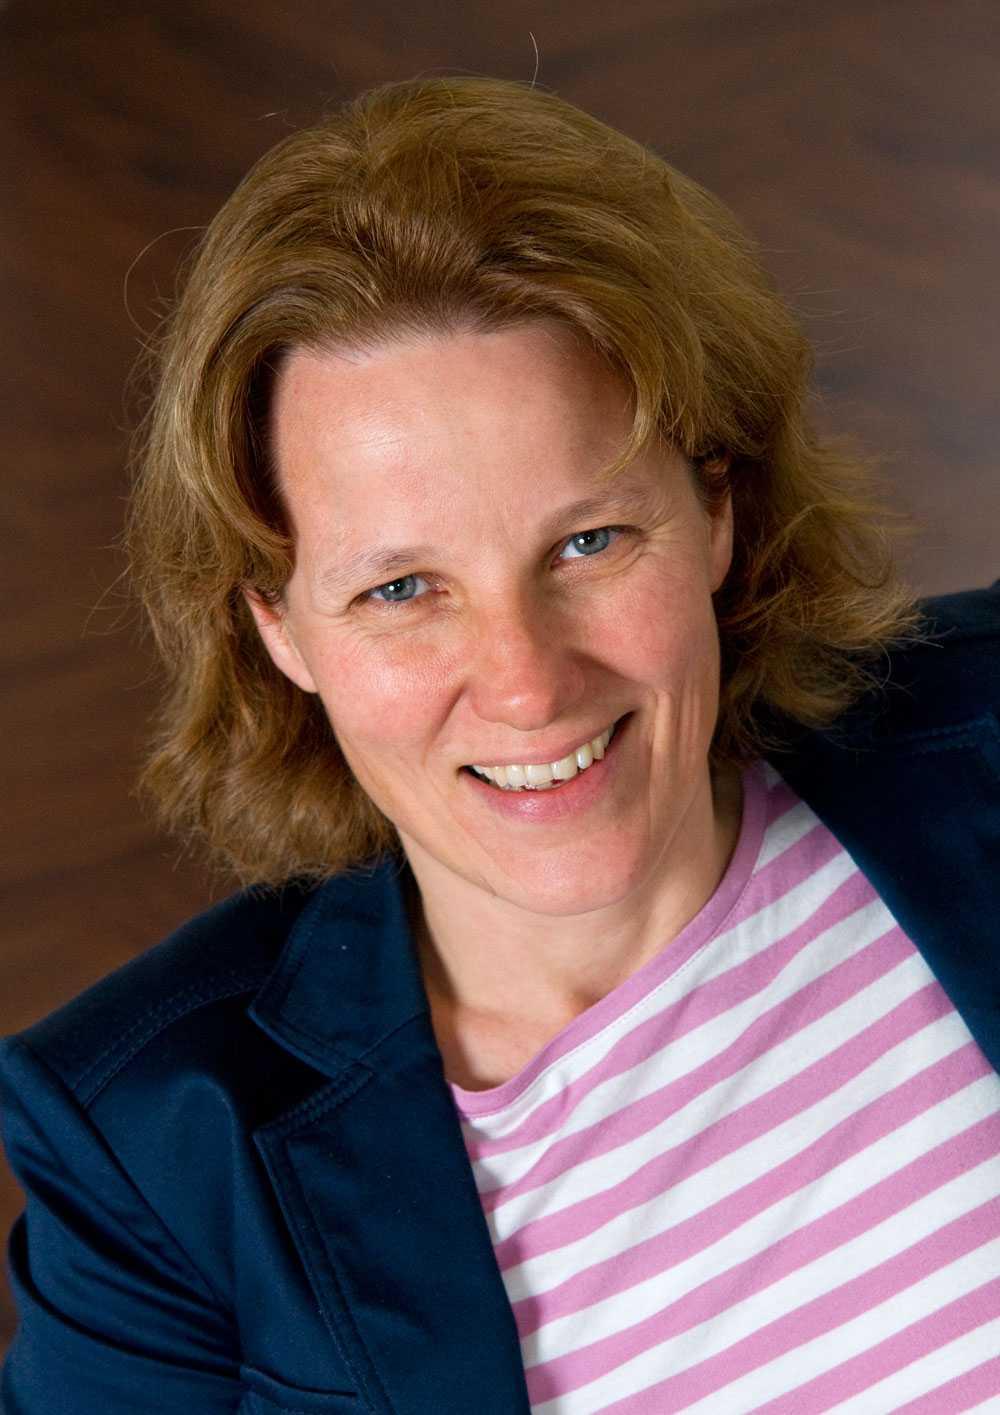 """""""Folk mellan 50 och 70 år tenderar att lägga på sig och fastna i en stillasittande livsstil"""", säger Diana van Heemst, professor vid universitetet i Leiden, om valet av personer i studien."""